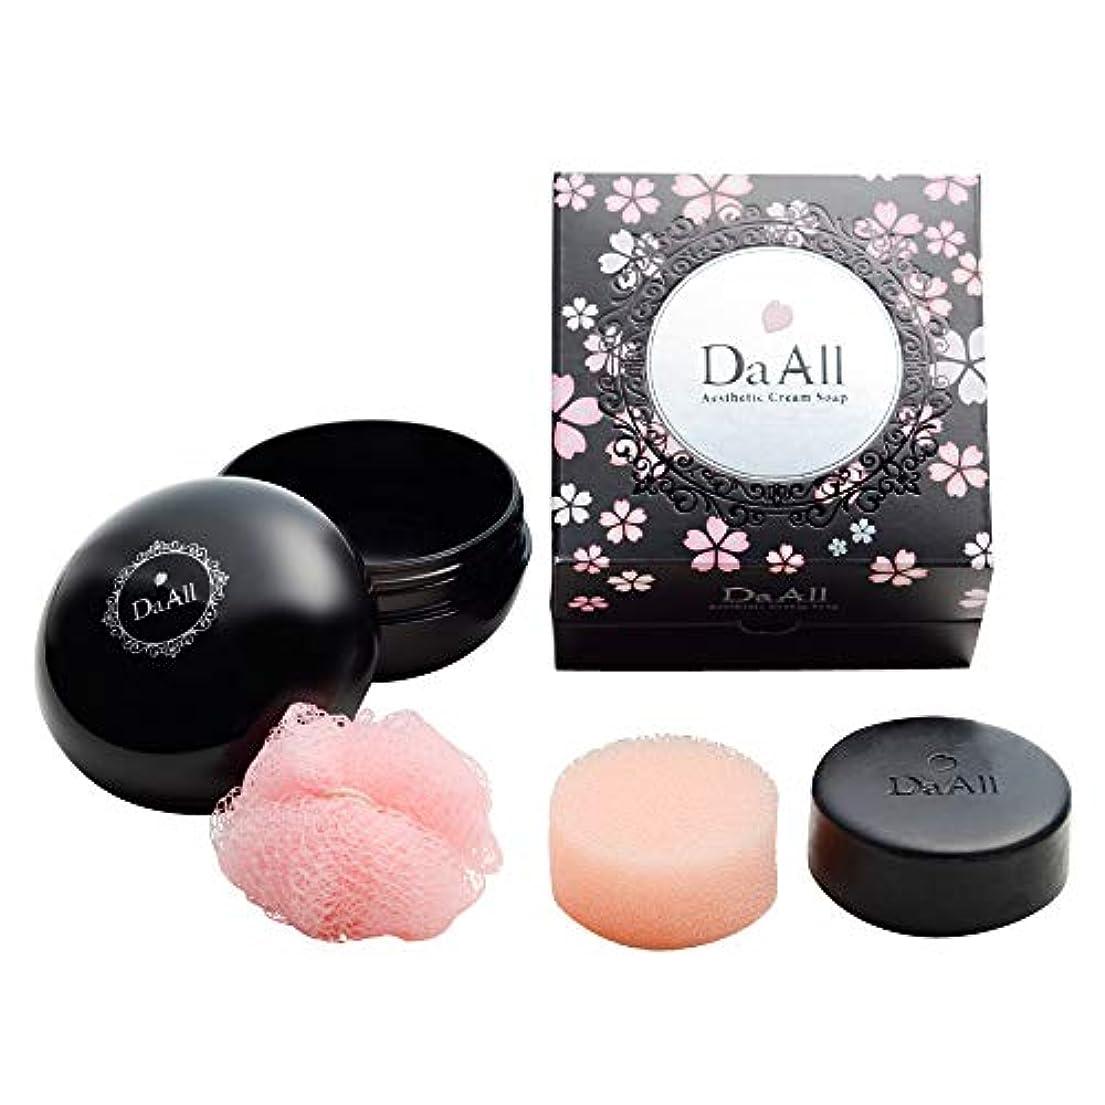 所属先にヒロイン日本製 美容成分高配合洗顔石鹸 メイク落とし 洗顔 保湿 ダオルエステティッククリームソープ マカロンケースセット